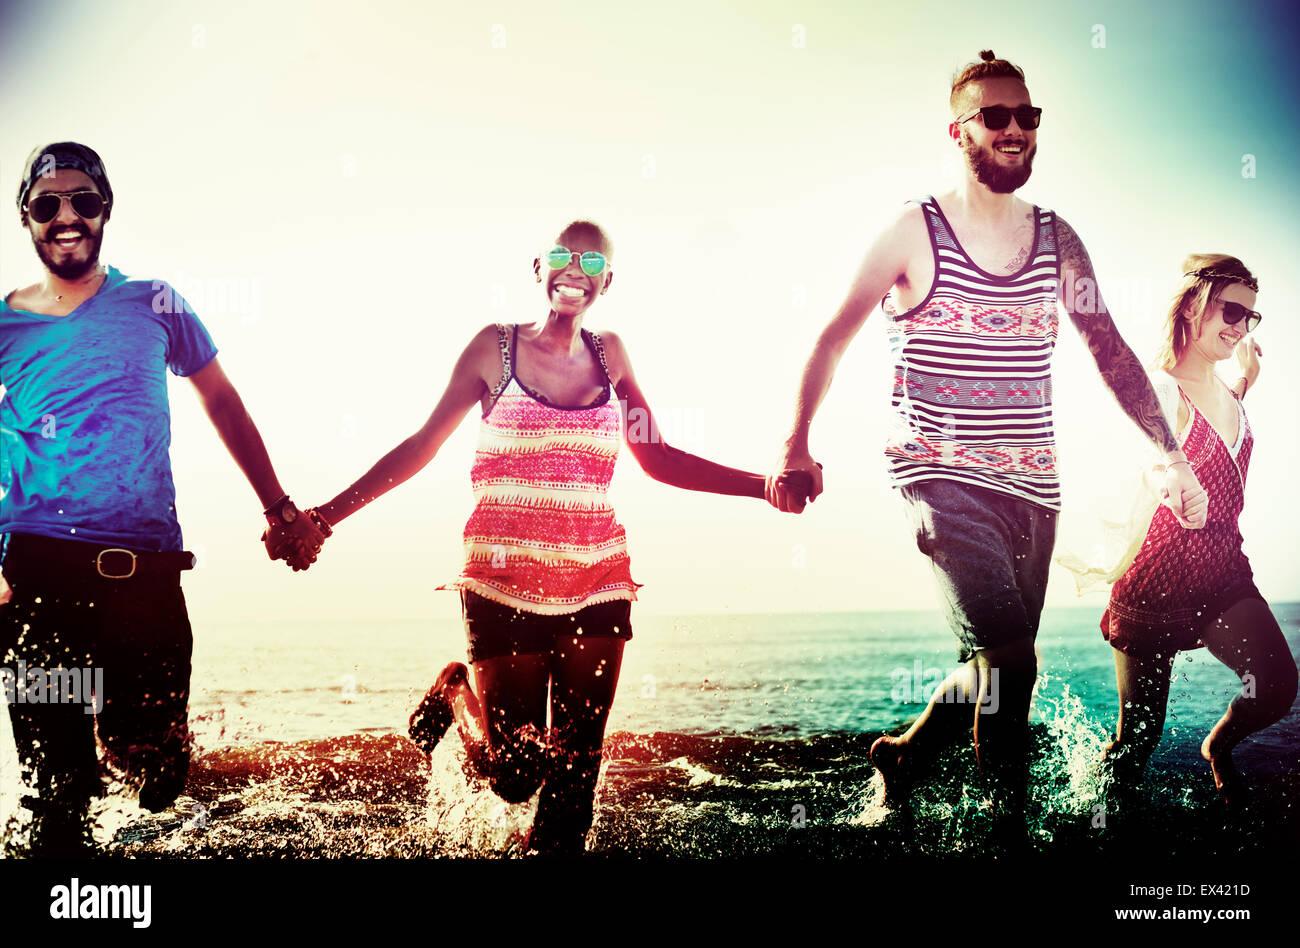 Diverse Beach Summer Friends Fun Running Concept - Stock Image